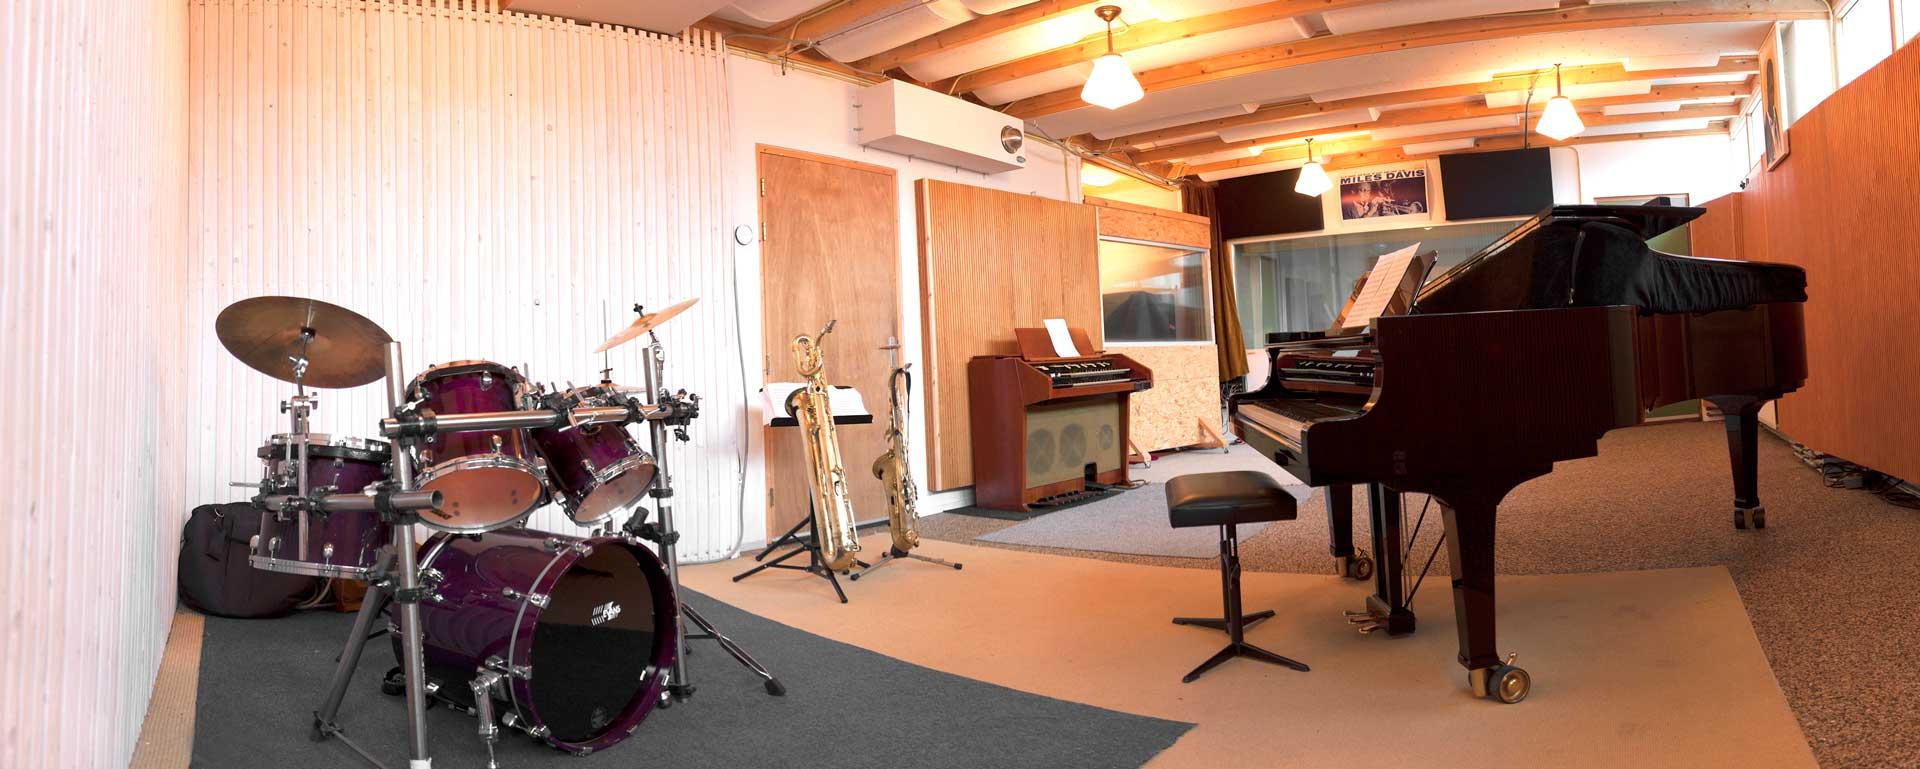 studio vleugel opname